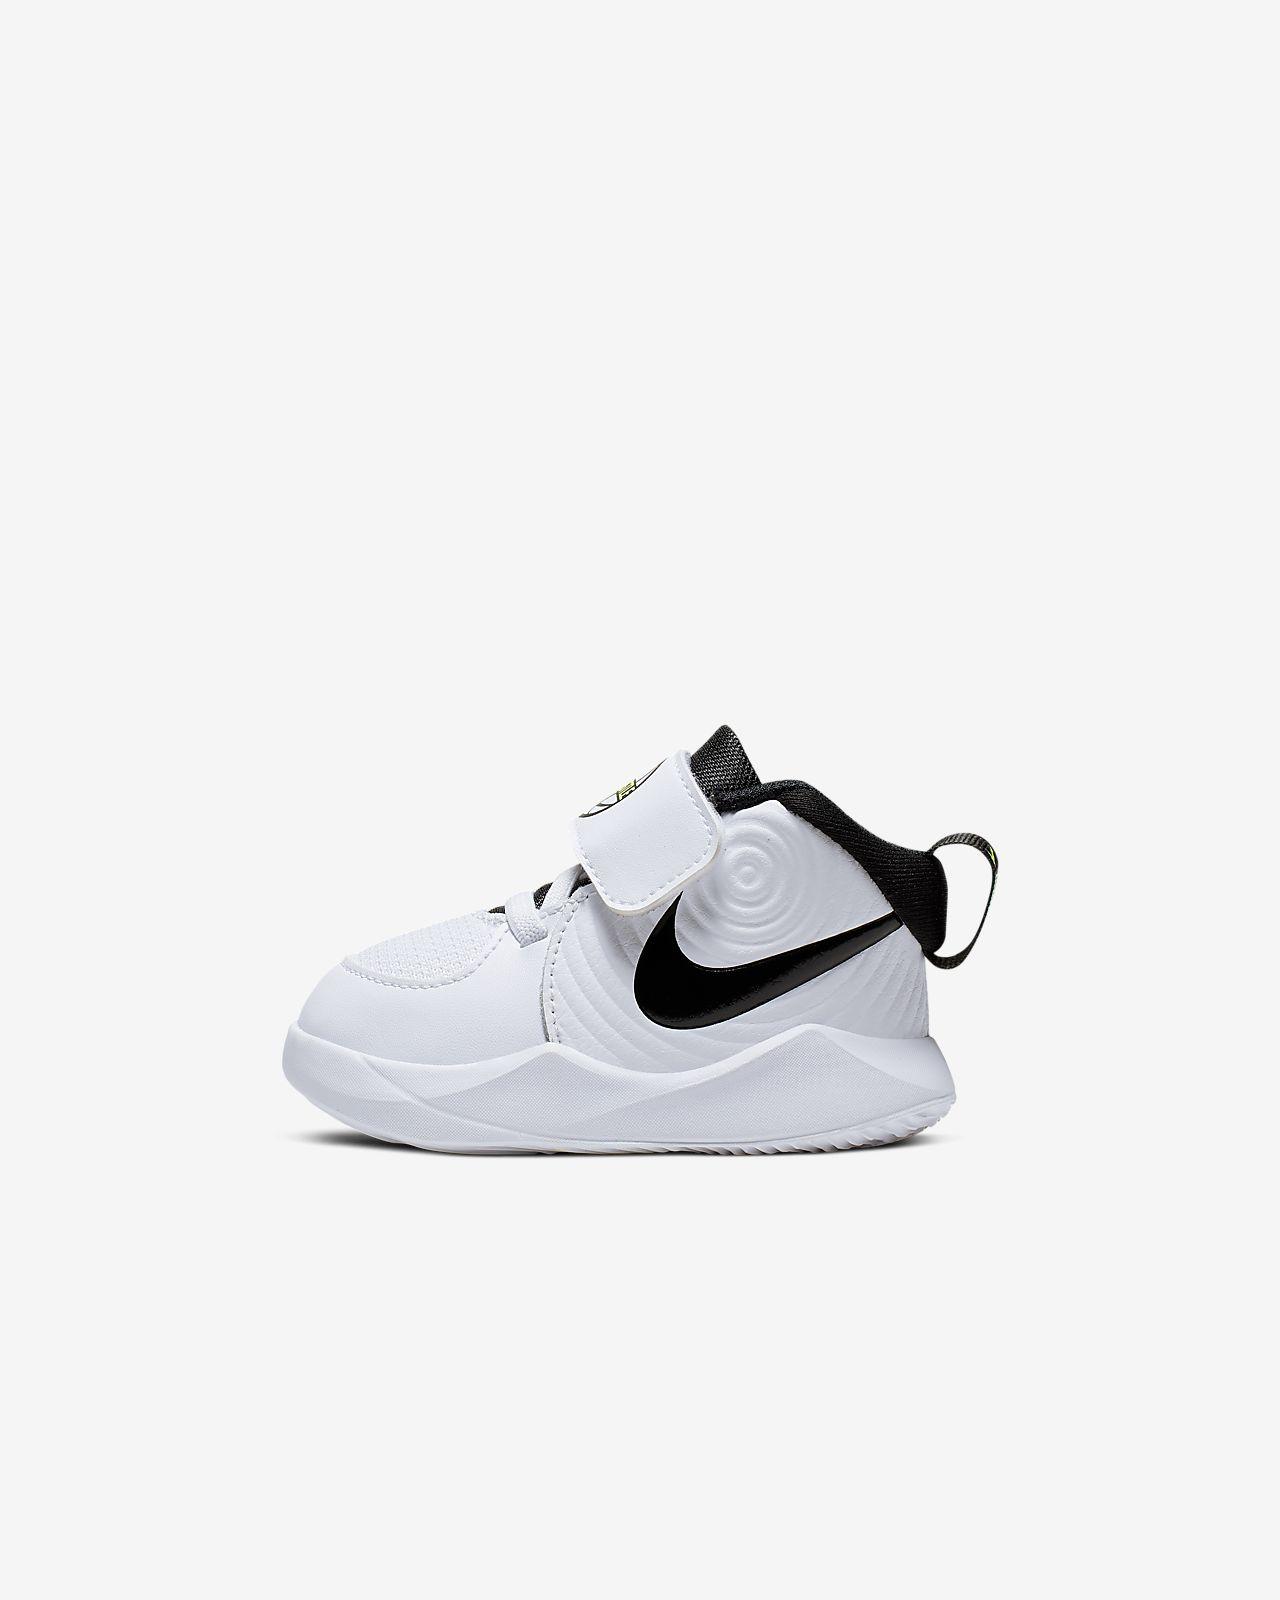 Nike Team Hustle D 9 Sabatilles - Nadó i infant